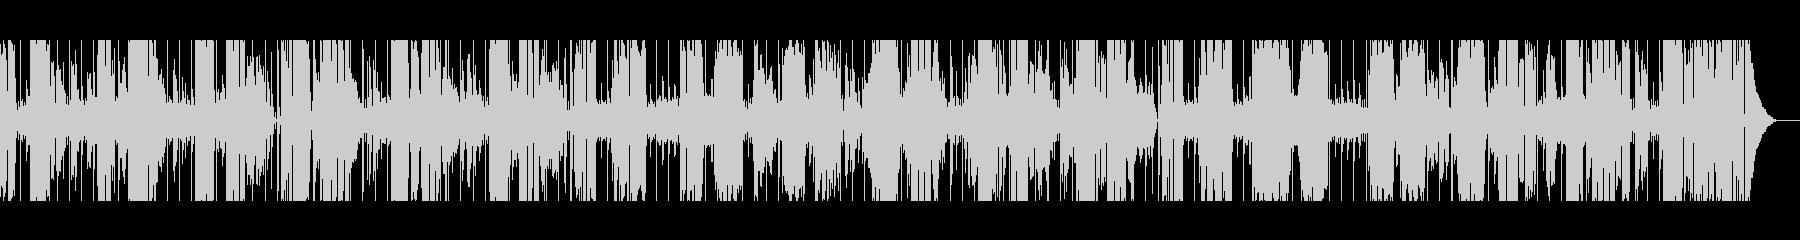 【古いラジオ風】スローブルースの未再生の波形